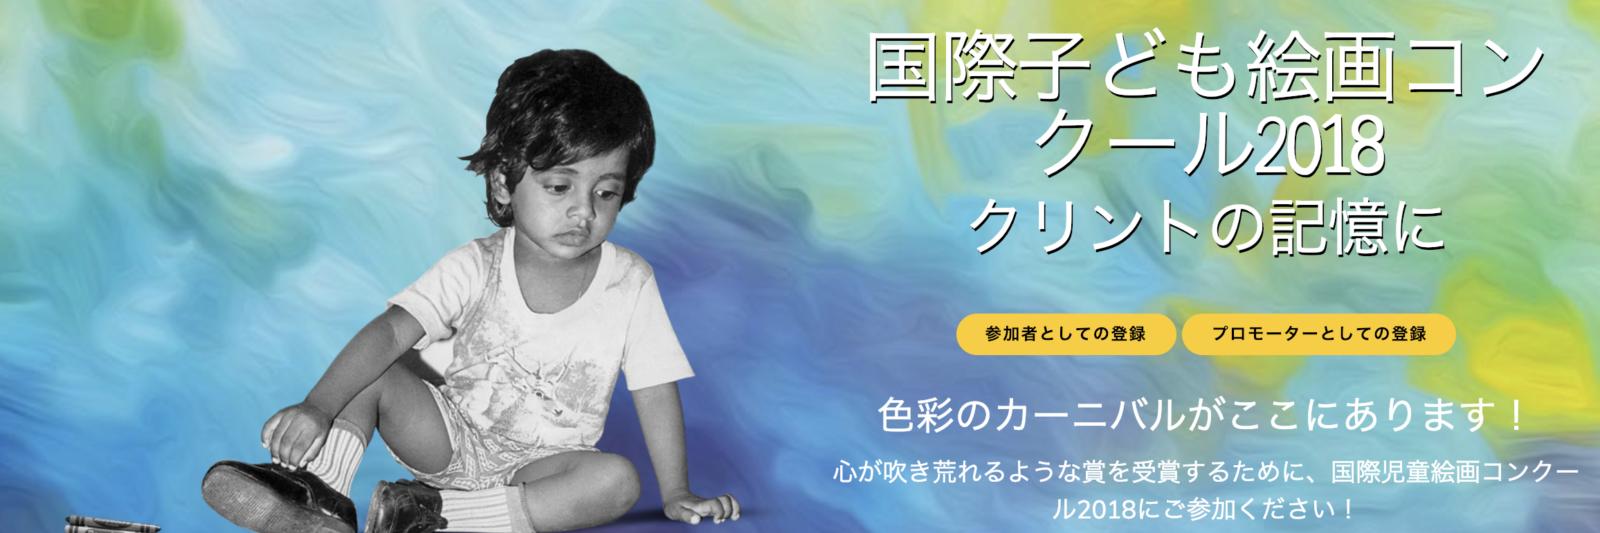 ケララ政府主催 国際子ども絵画コンクール2018